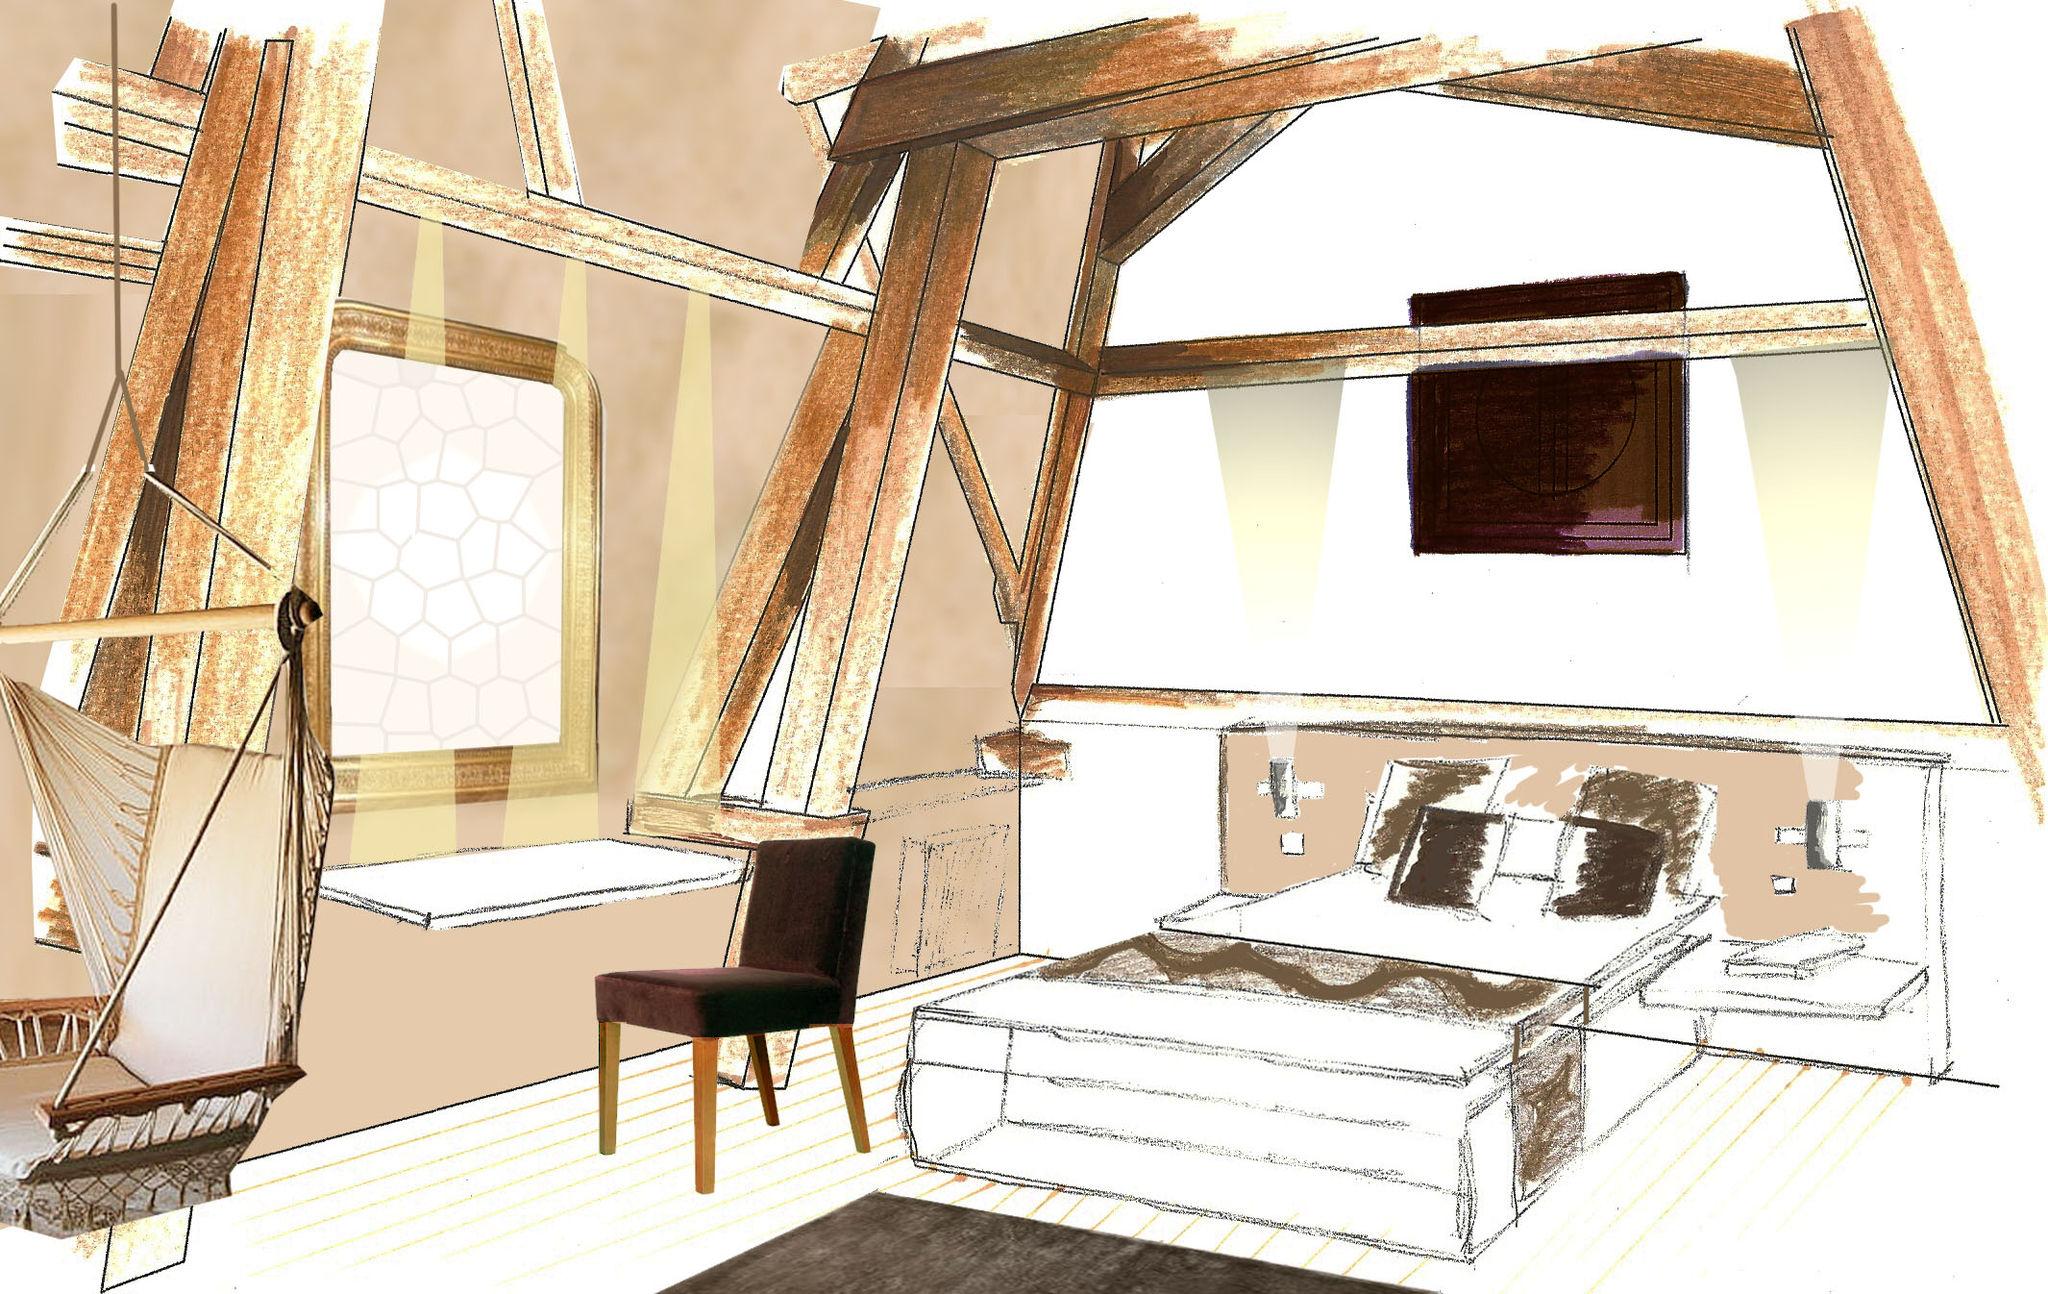 Architecte D Intérieur Paris 8 8 - photo de manoir (60) - amélie pellé,architecte d